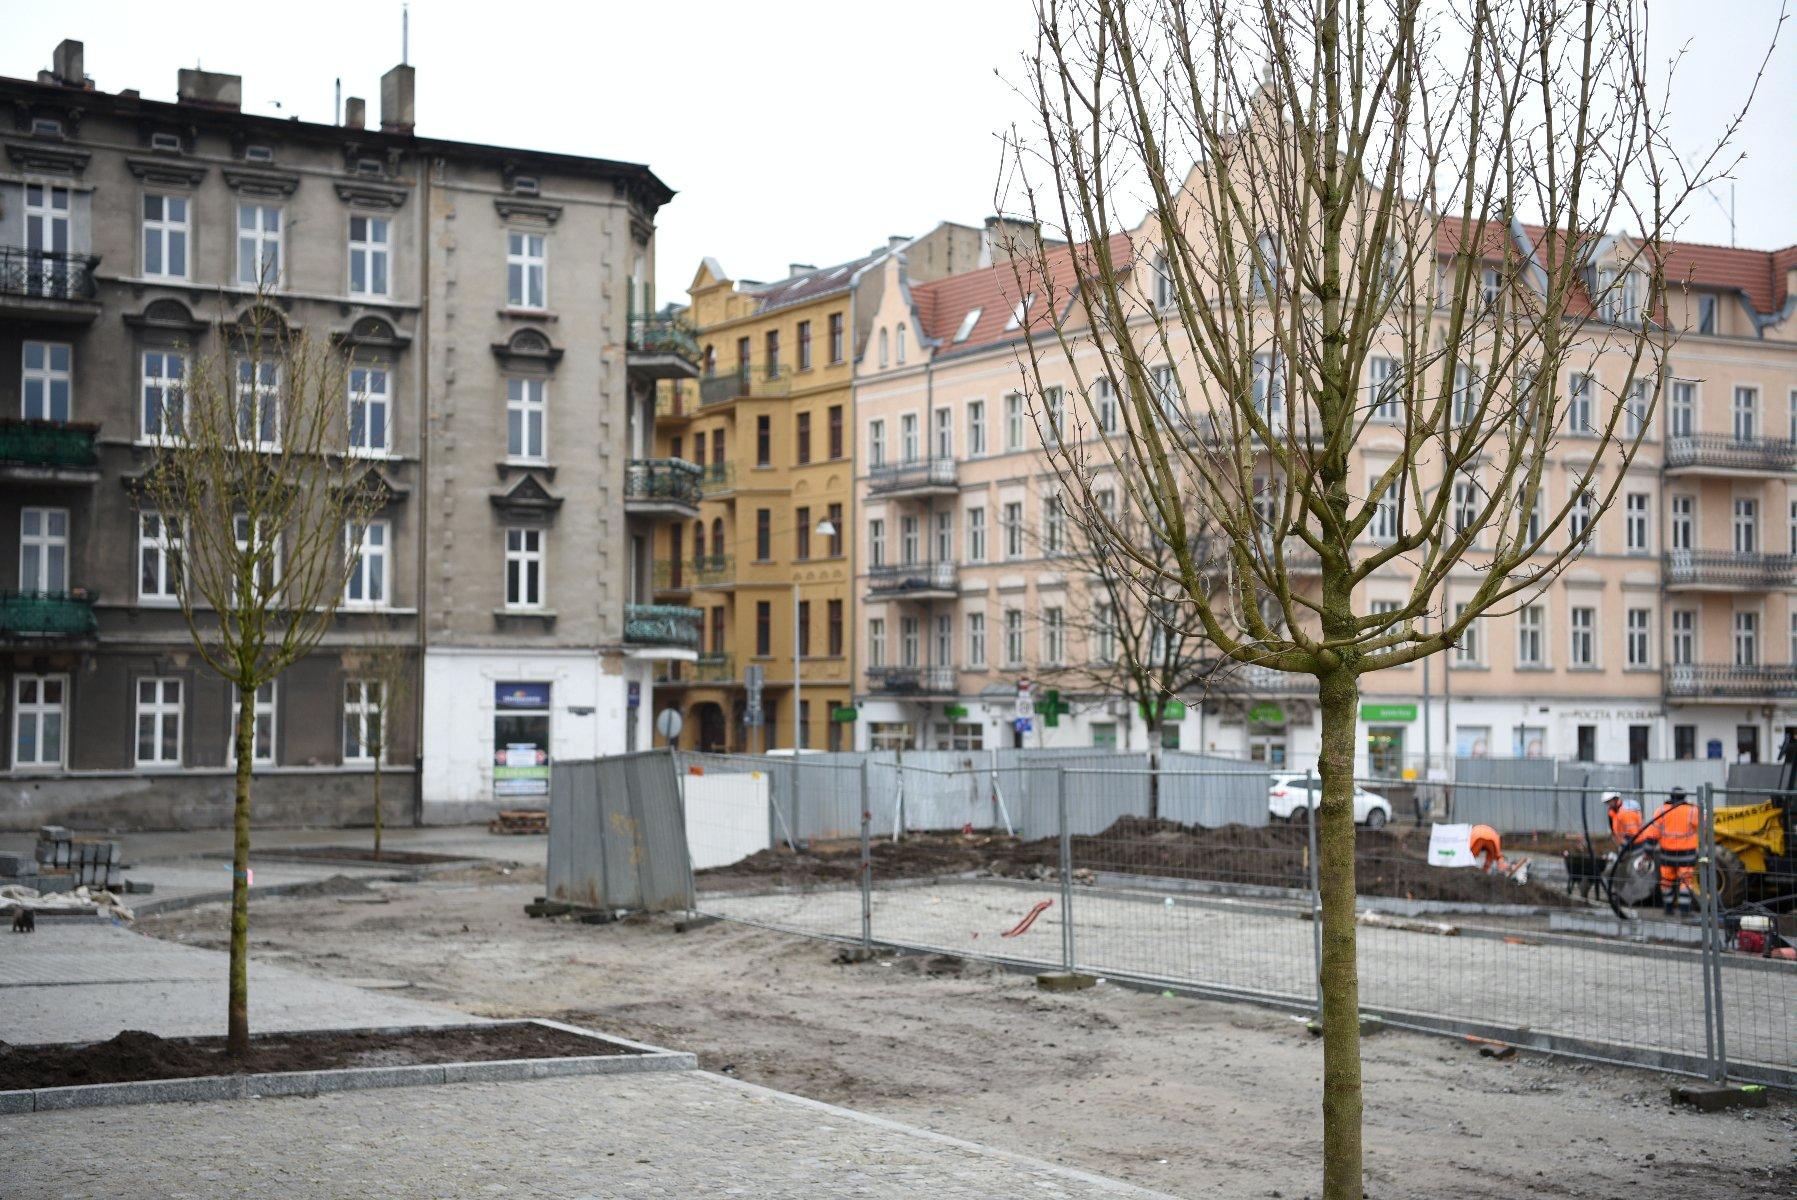 Pierwsze nowe rośliny już na przebudowywanym Rynku Łazarskim